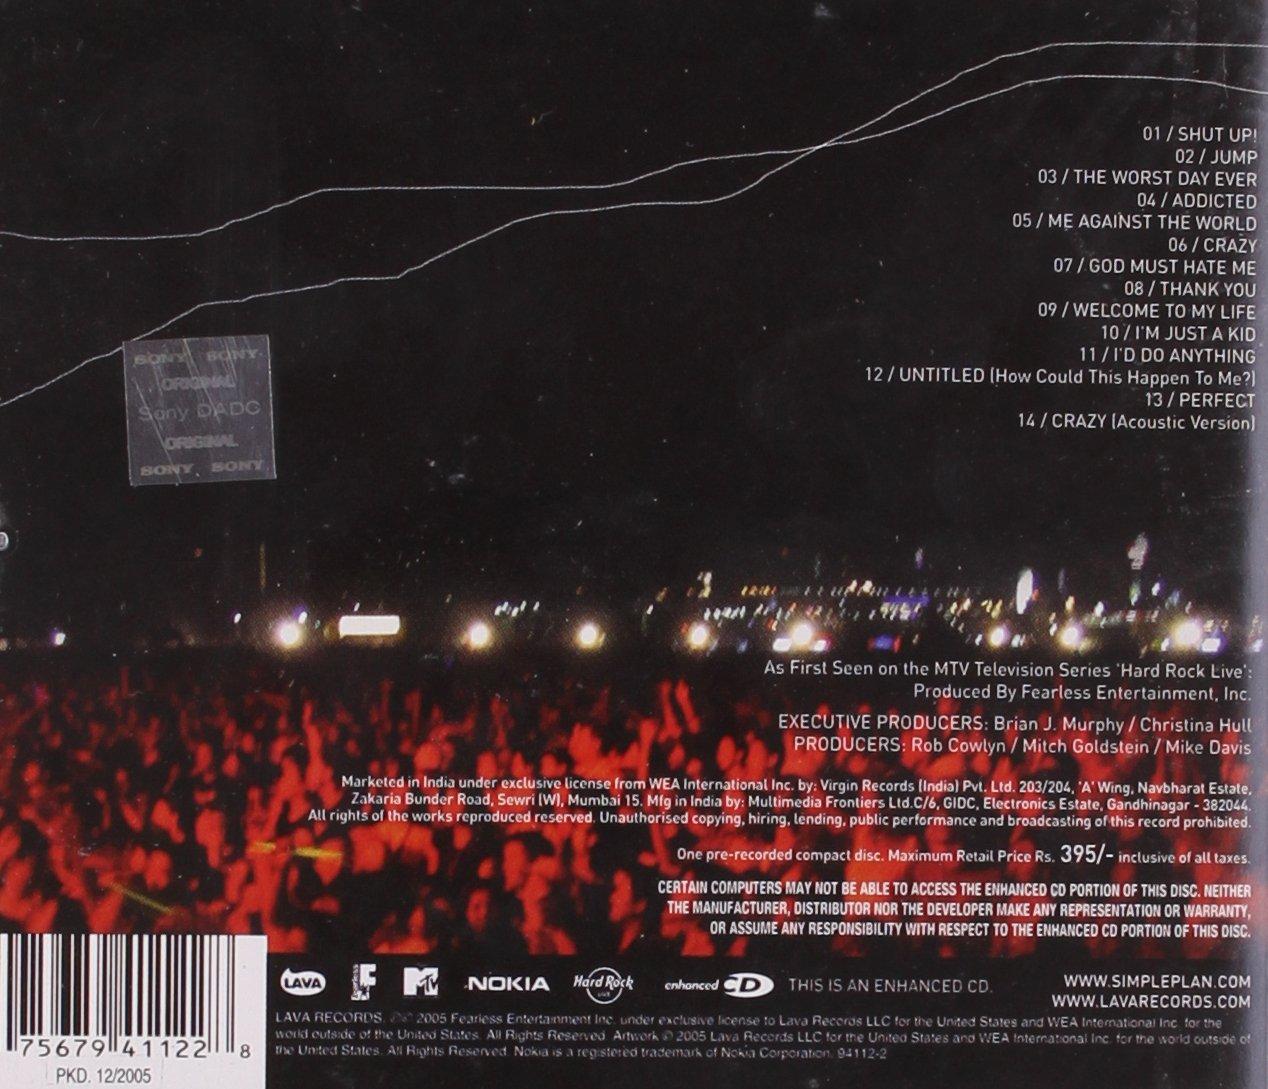 MTV Hard Rock Live by Lava